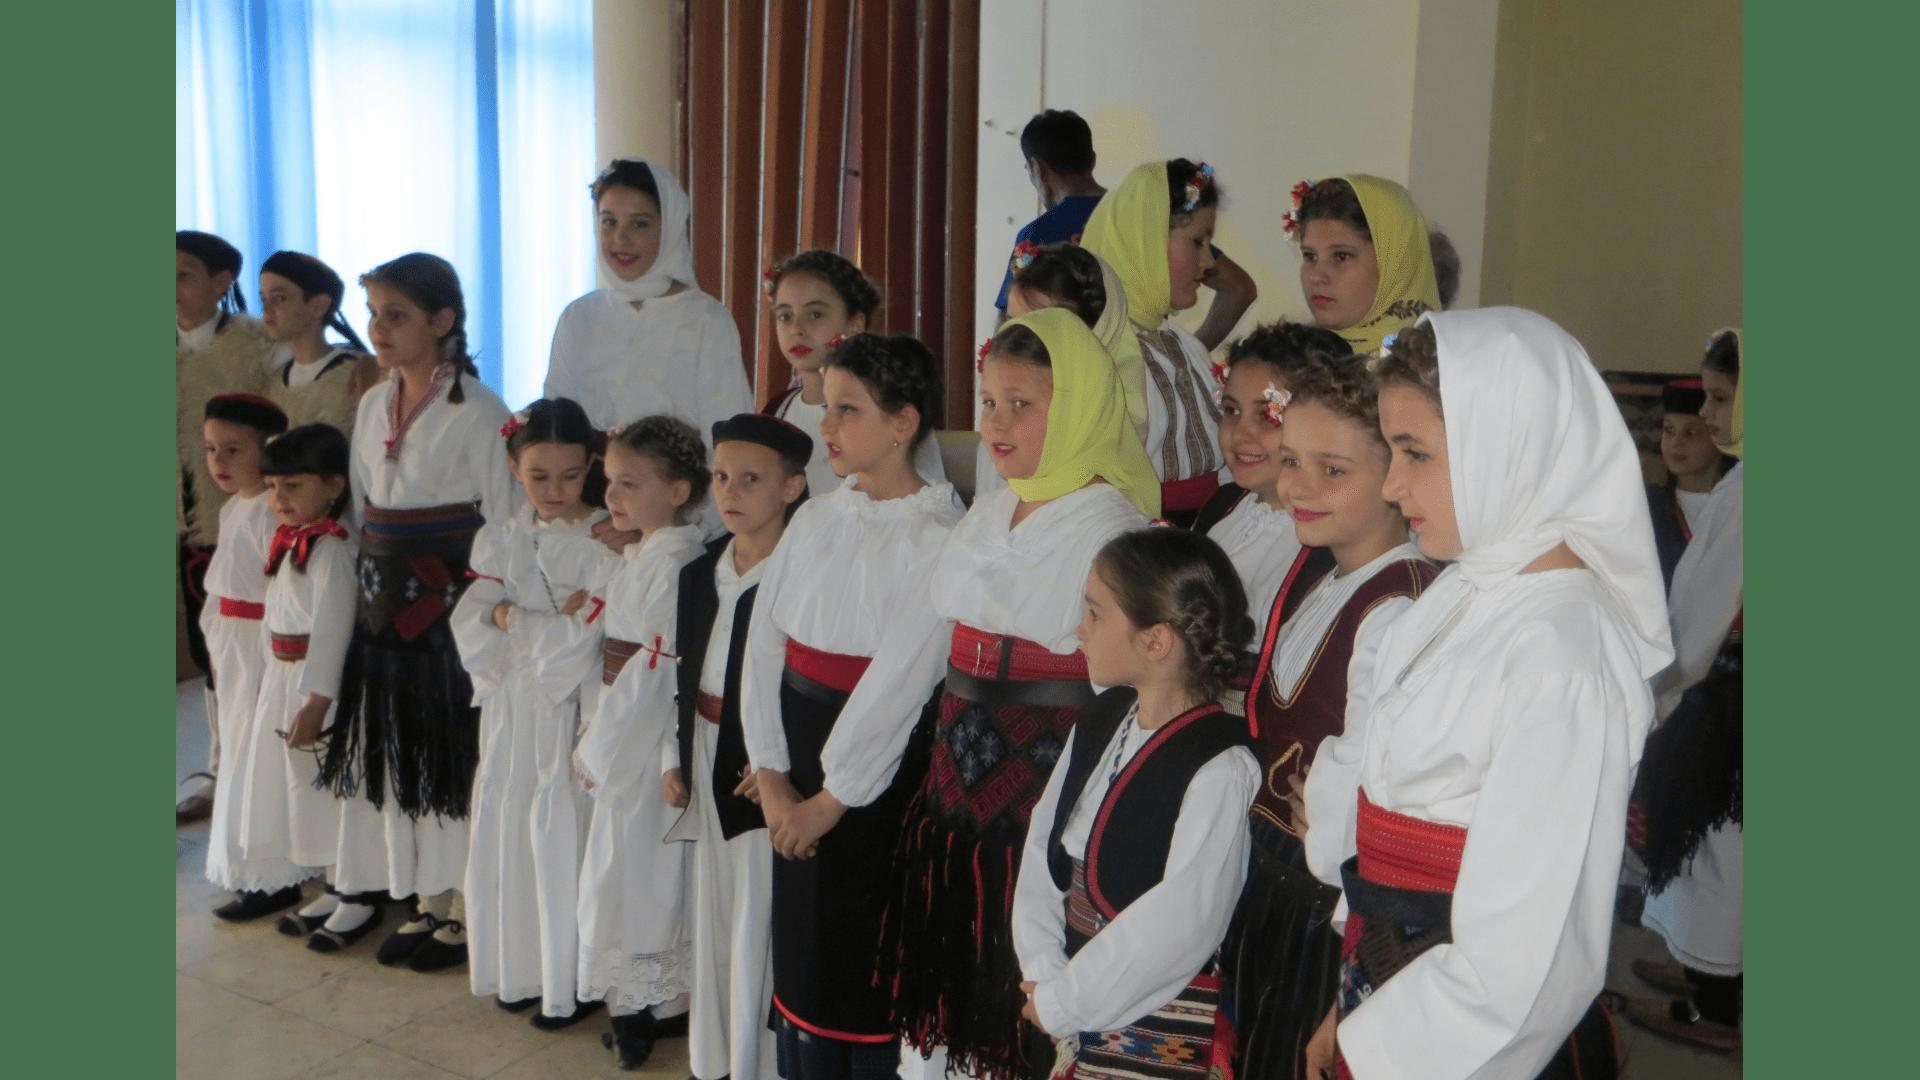 Kinderspalier zur Begrüßung der Besucher im  Bürgerhaus von Backi Gracac 2013. Foto: Archiv Freundeskreis Filipowa